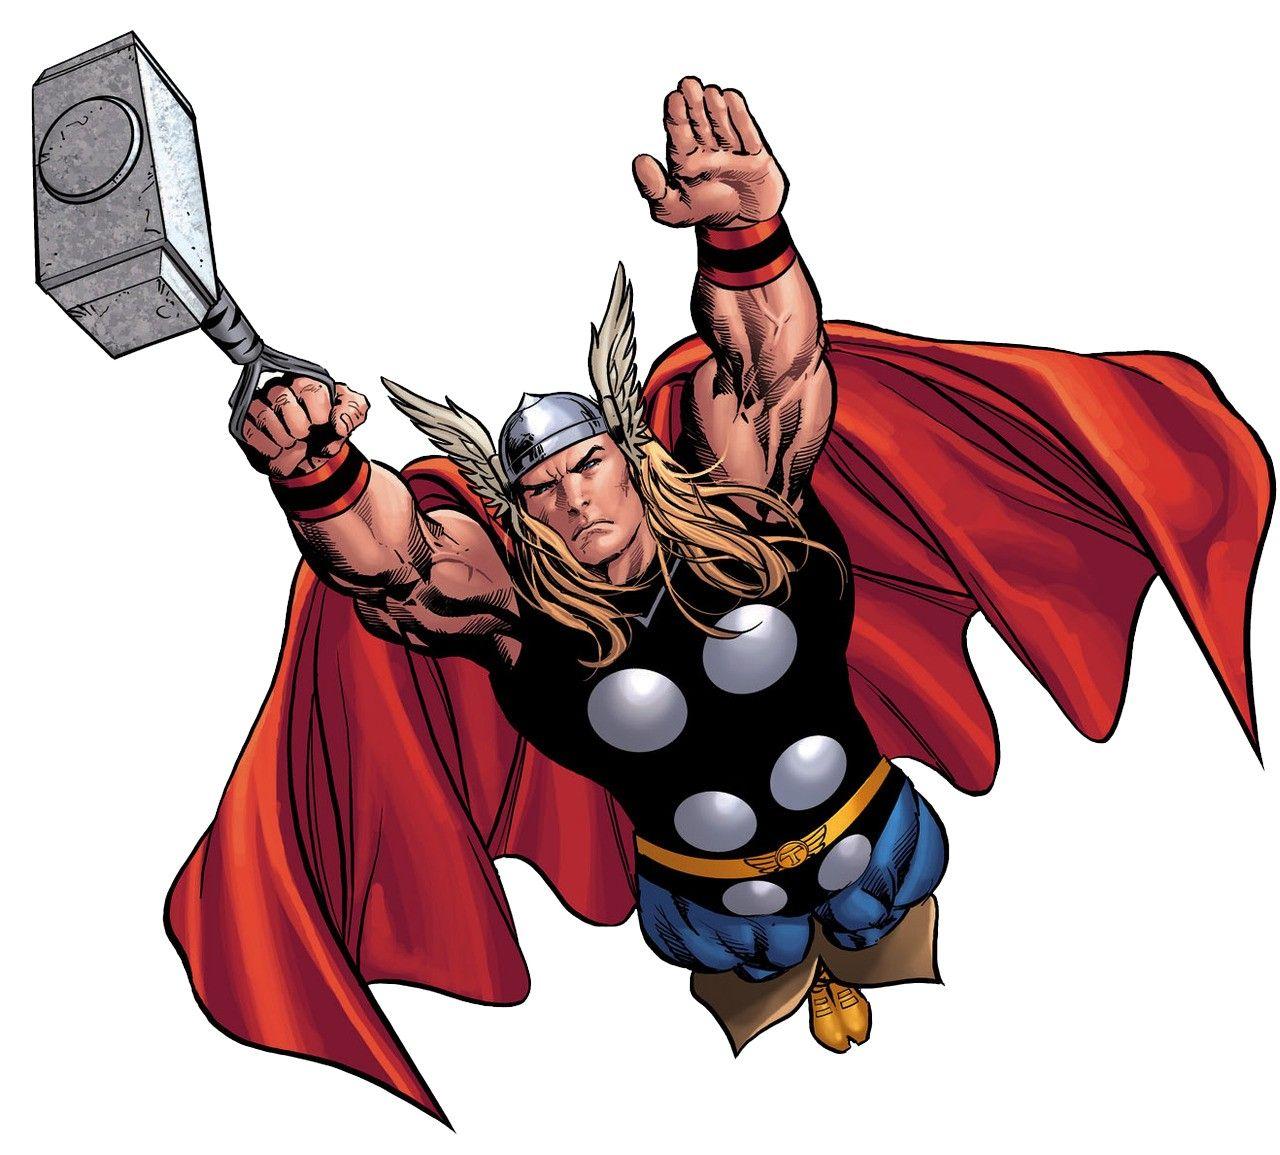 Digital Png Webp Thor Thor Png Thor Hammer Png Thor Ragnarok Png Avengers Marvel Png Superhero In 2021 Thor Comic Marvel Thor Thor Comic Art